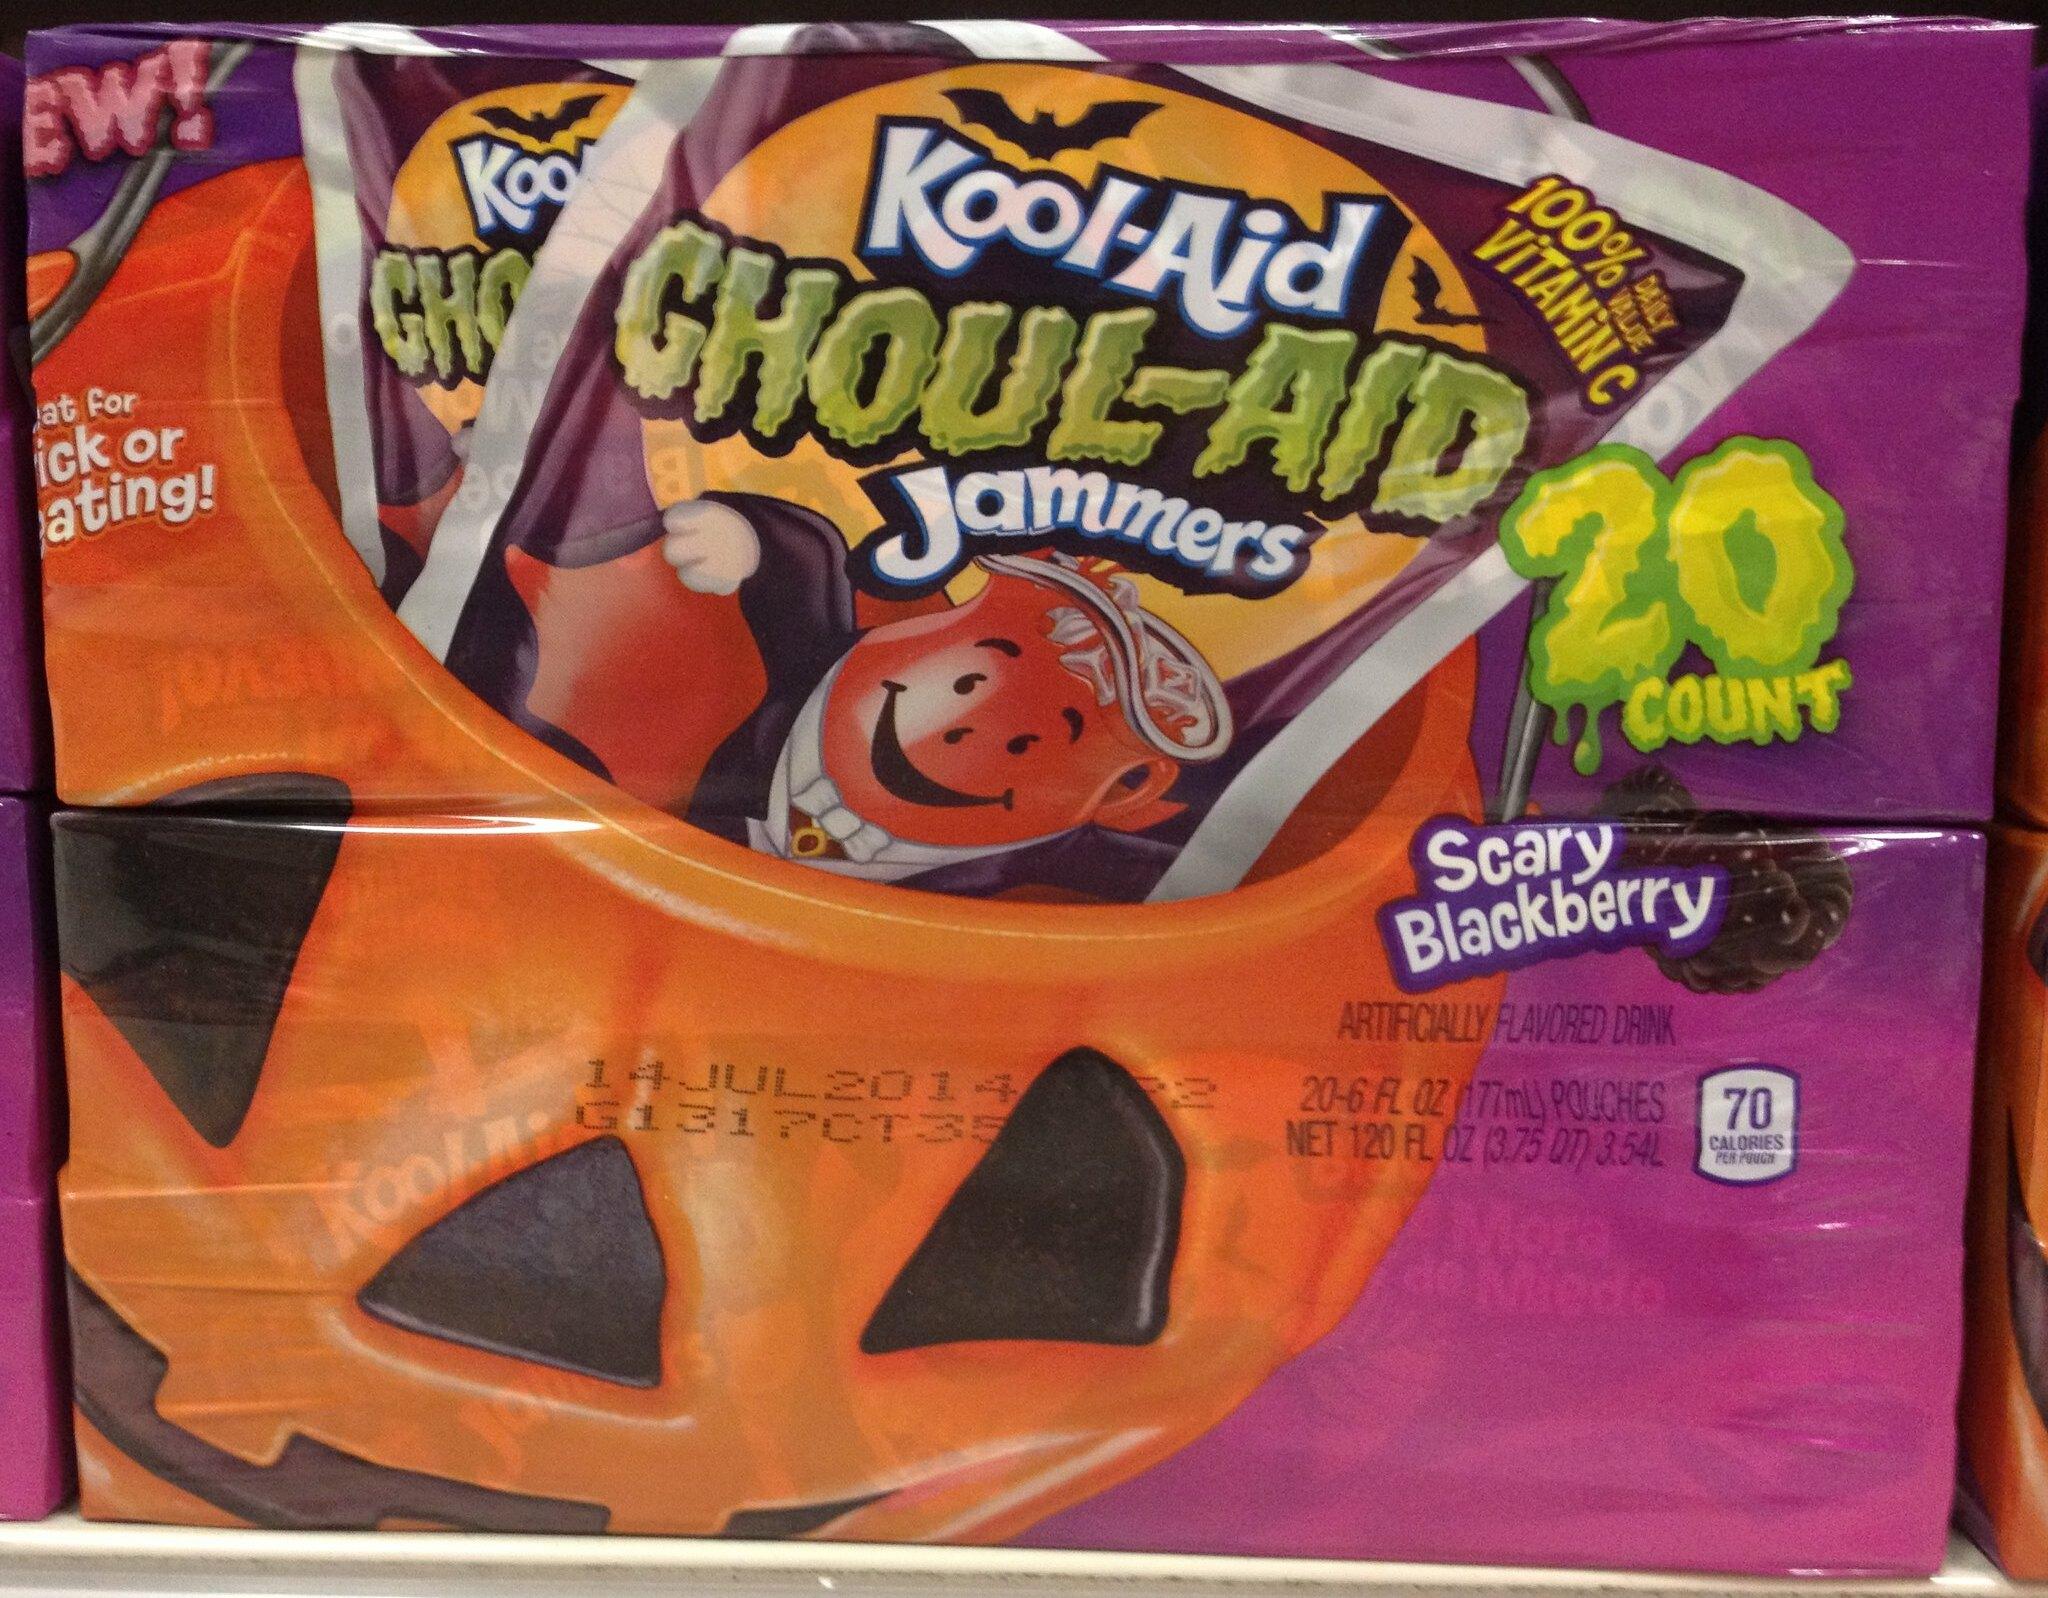 Kool-Aid Ghoul Aid Jammers